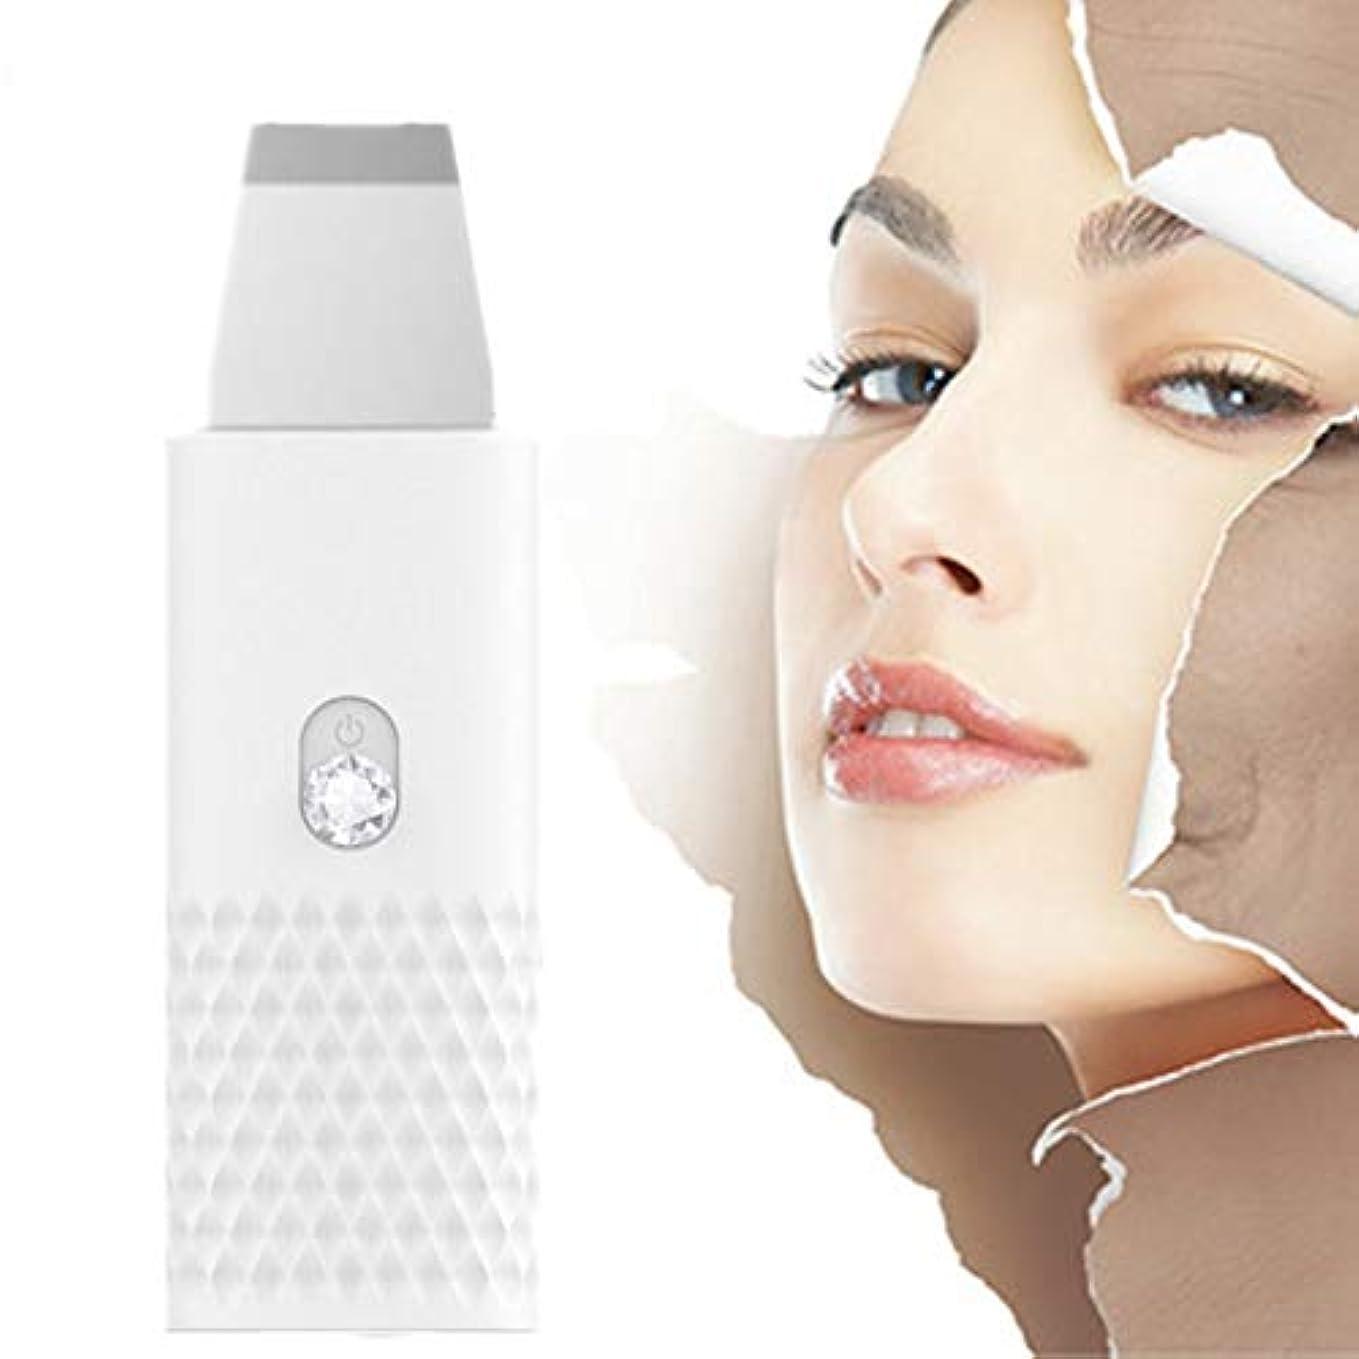 模索ドラゴン着替えるツールクレンザー古い角質除去ホワイトピーリング顔の皮膚のスクラバーブラックヘッドリムーバー毛穴クリーナー電気EMS導入モードUSB充電女性のスキンマッサージスクラバー・フェイシャルリフティング